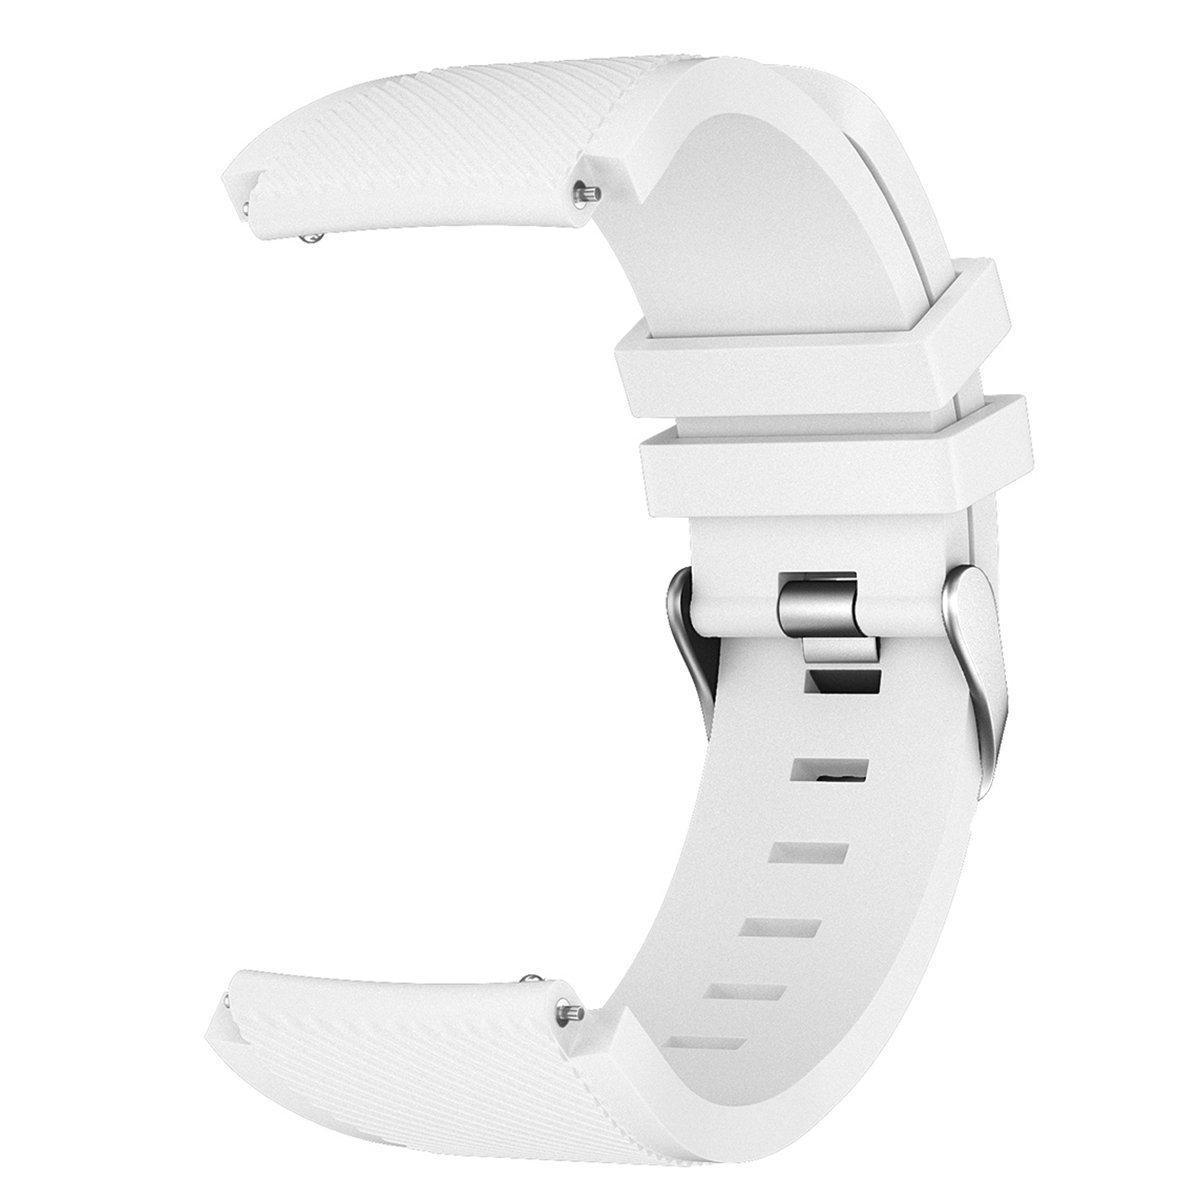 Ремешок силиконовый 22 мм BeWatch ECO для Xiaomi Amazfit Stratos   Pace   GTR 47mm  Белый (1021102.47)